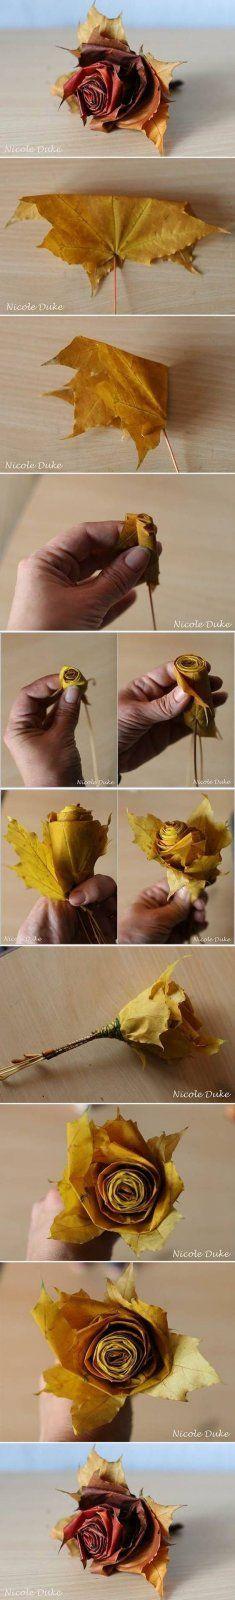 Herbstdeko selber machen - 15 DIY Bastelideen für die dritte Jahreszeit #herbstdekobastelnnaturmaterialien